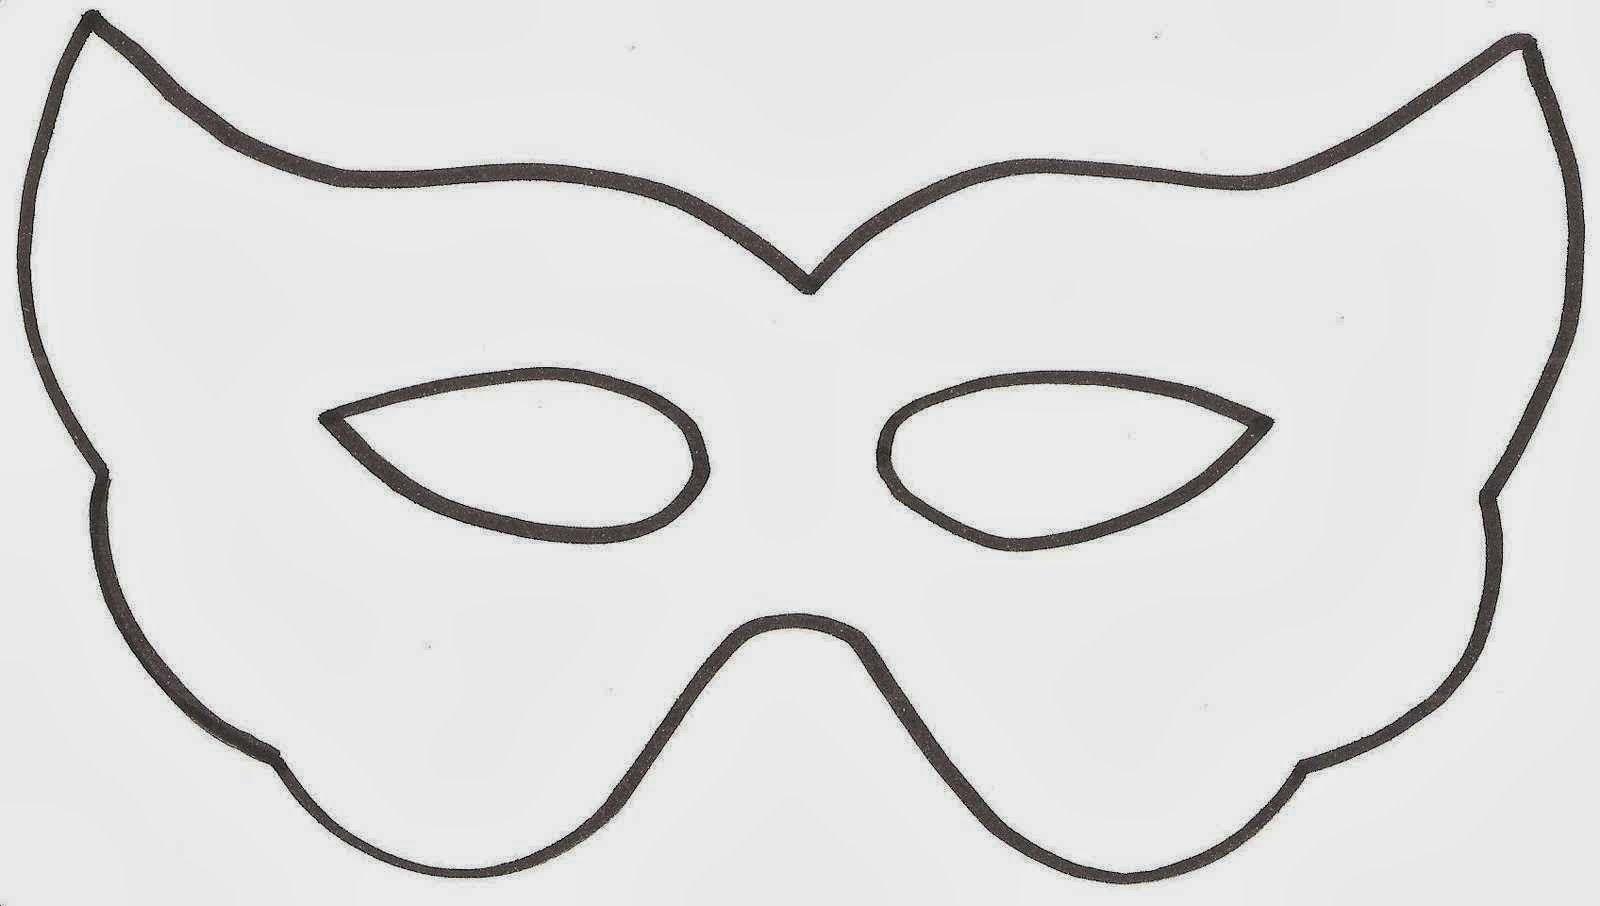 Mamypops Máscaras Para Imprimir Y Colorear Máscaras Para